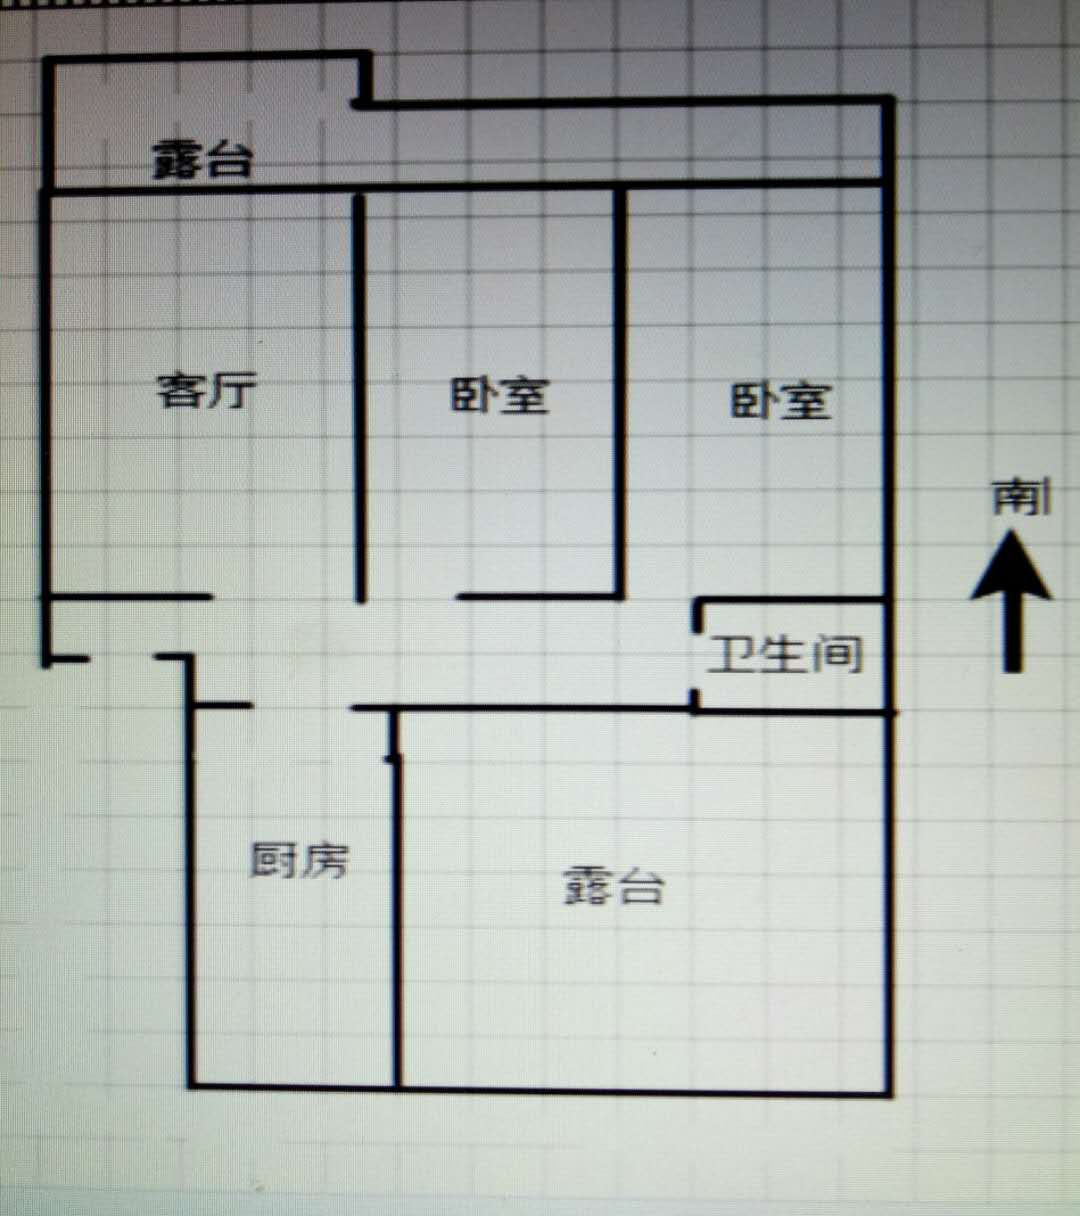 阳光花园小区 2室1厅  简装 25万